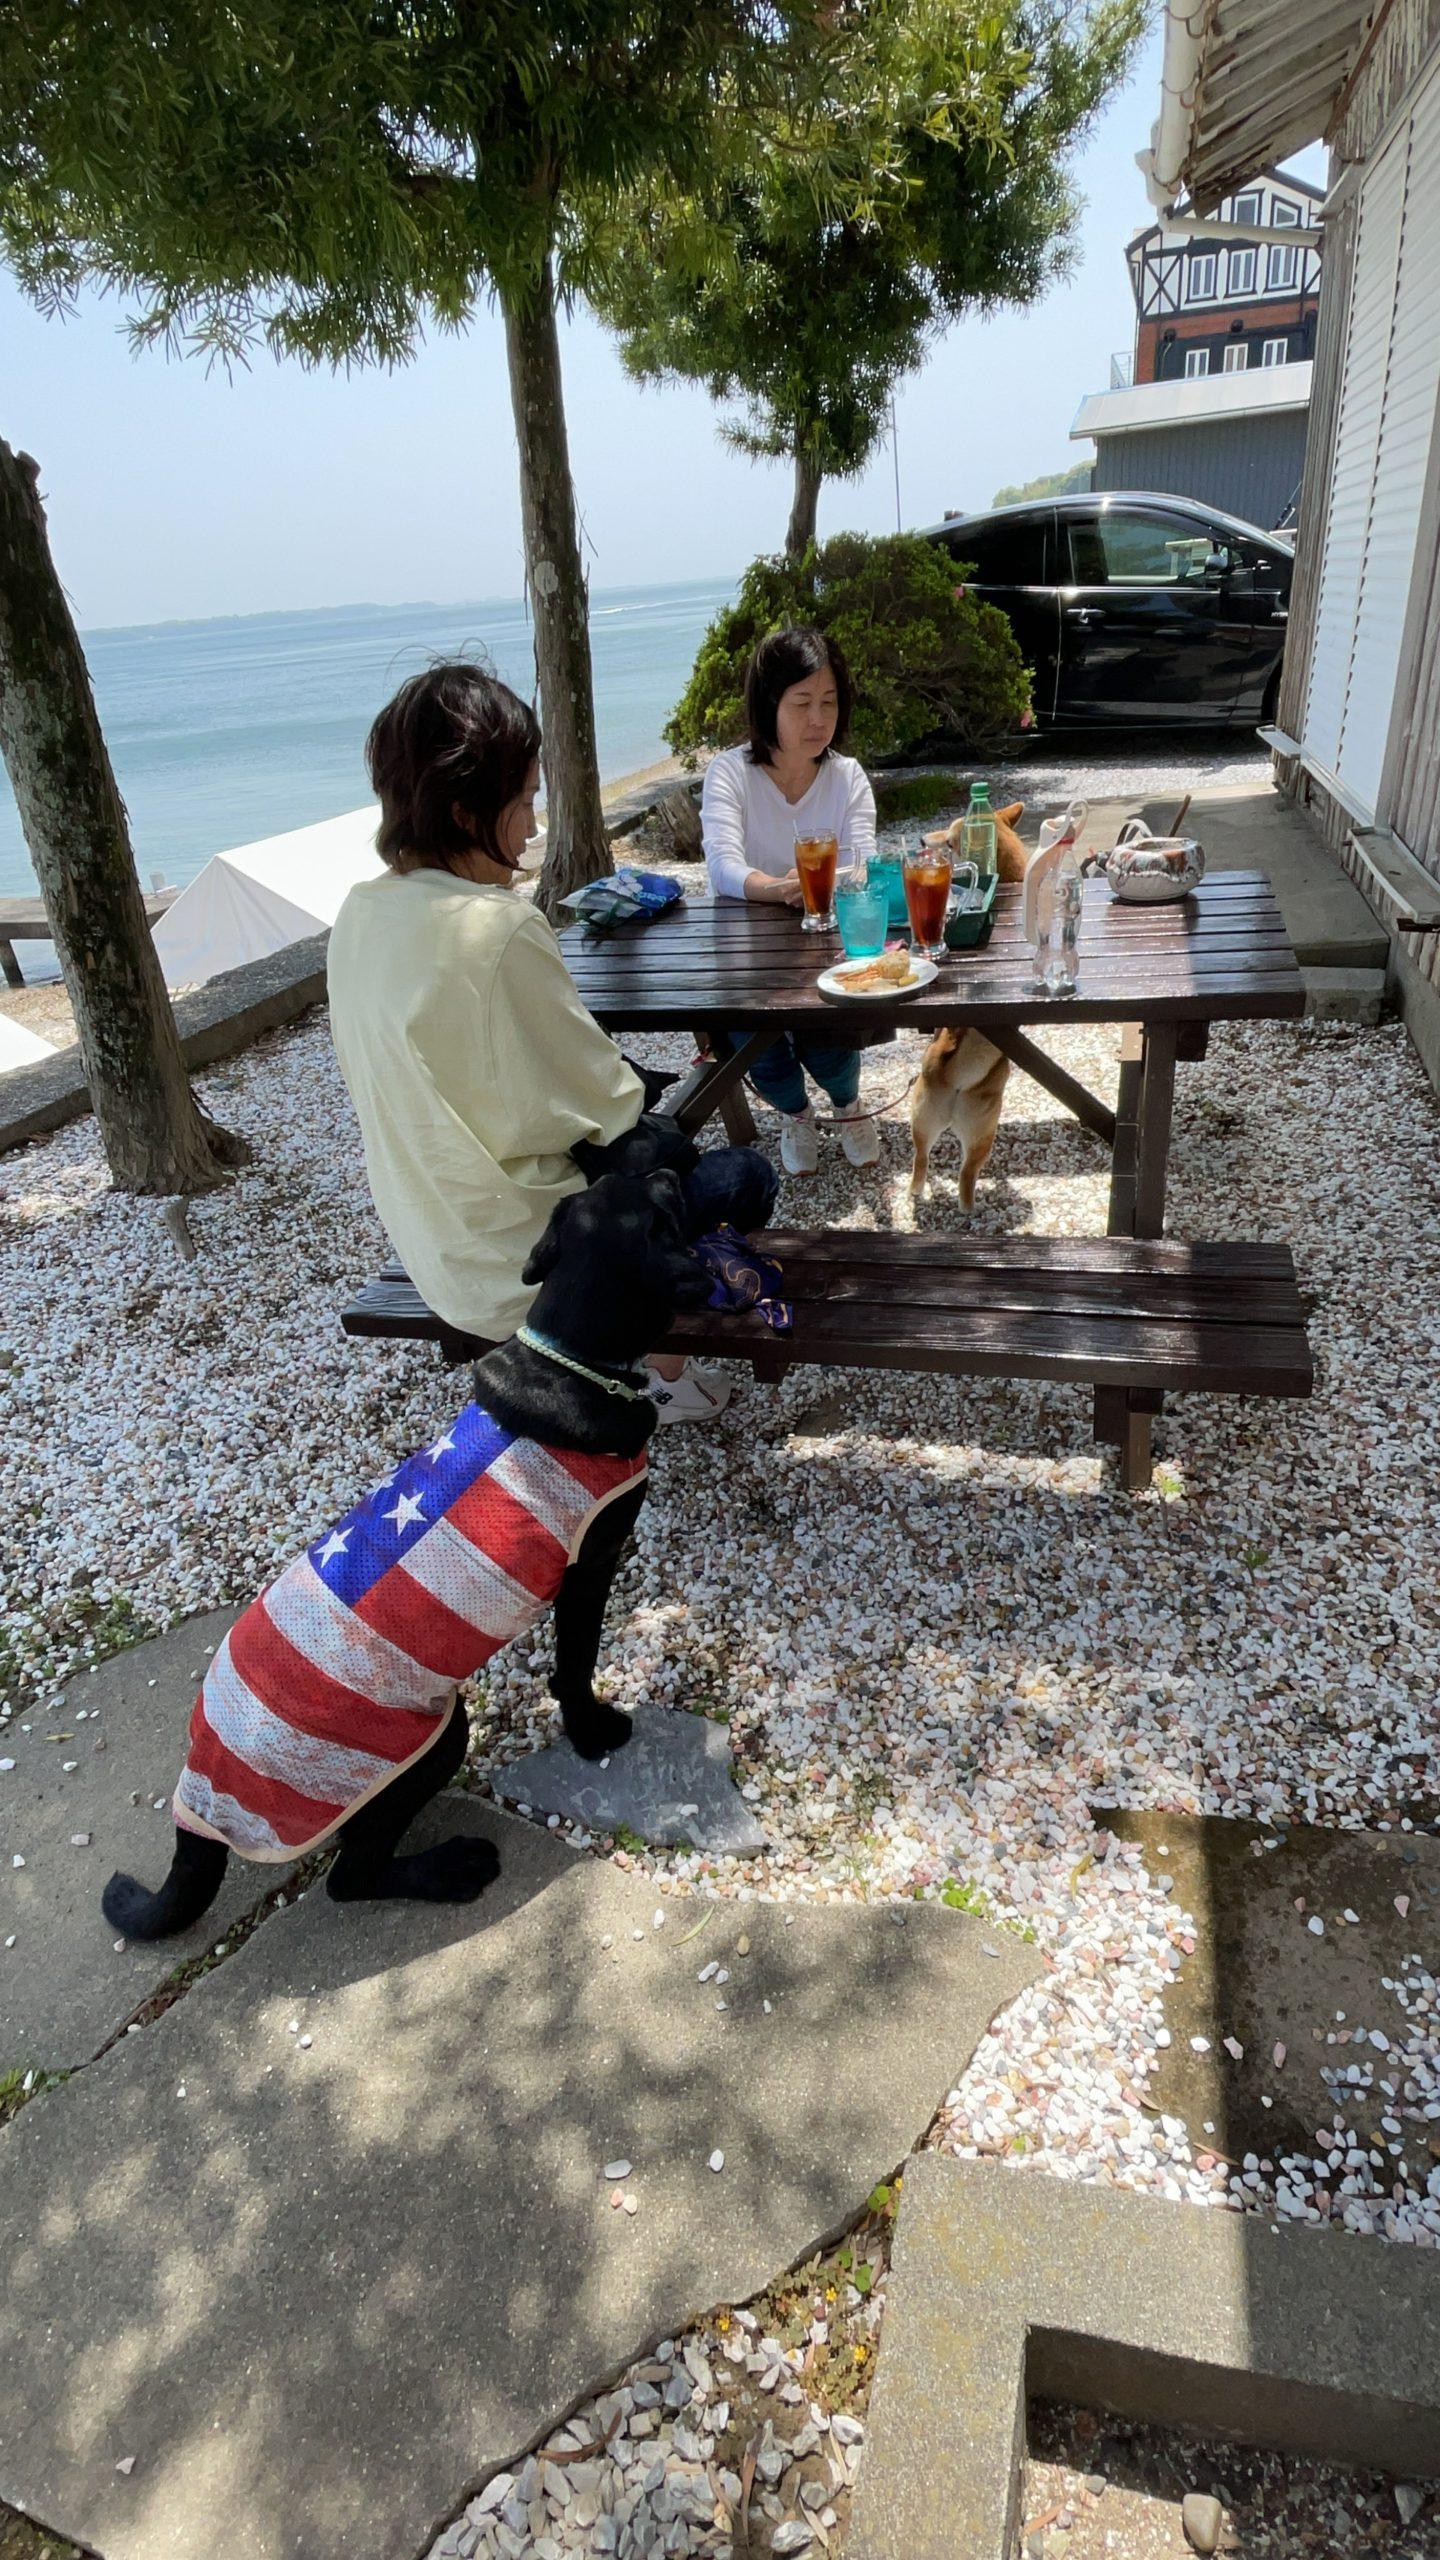 浜名湖の湖畔でカフェができるテーブル浜名湖